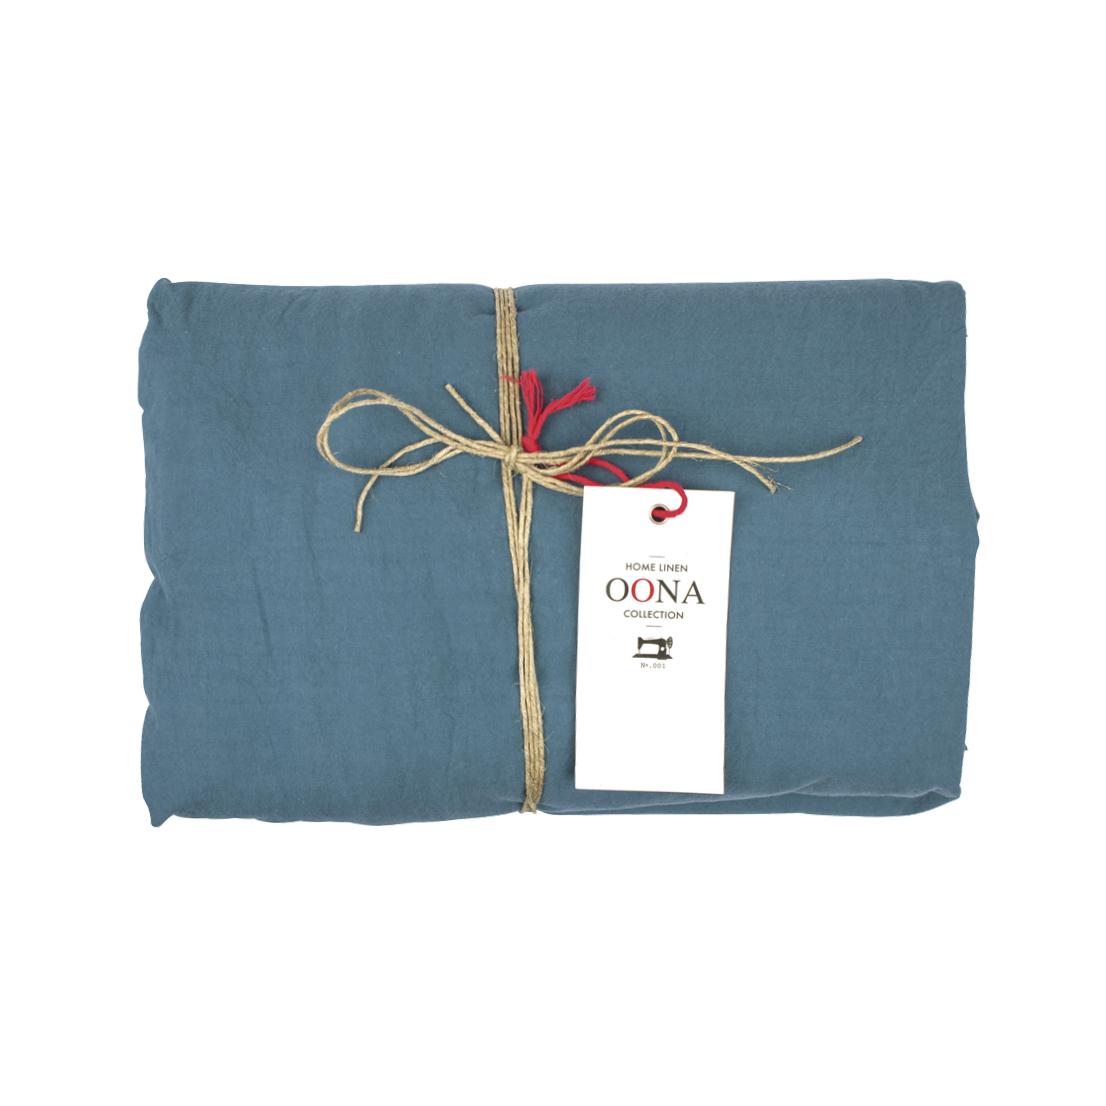 drap housse coton bleu canard oona pour chambre enfant. Black Bedroom Furniture Sets. Home Design Ideas